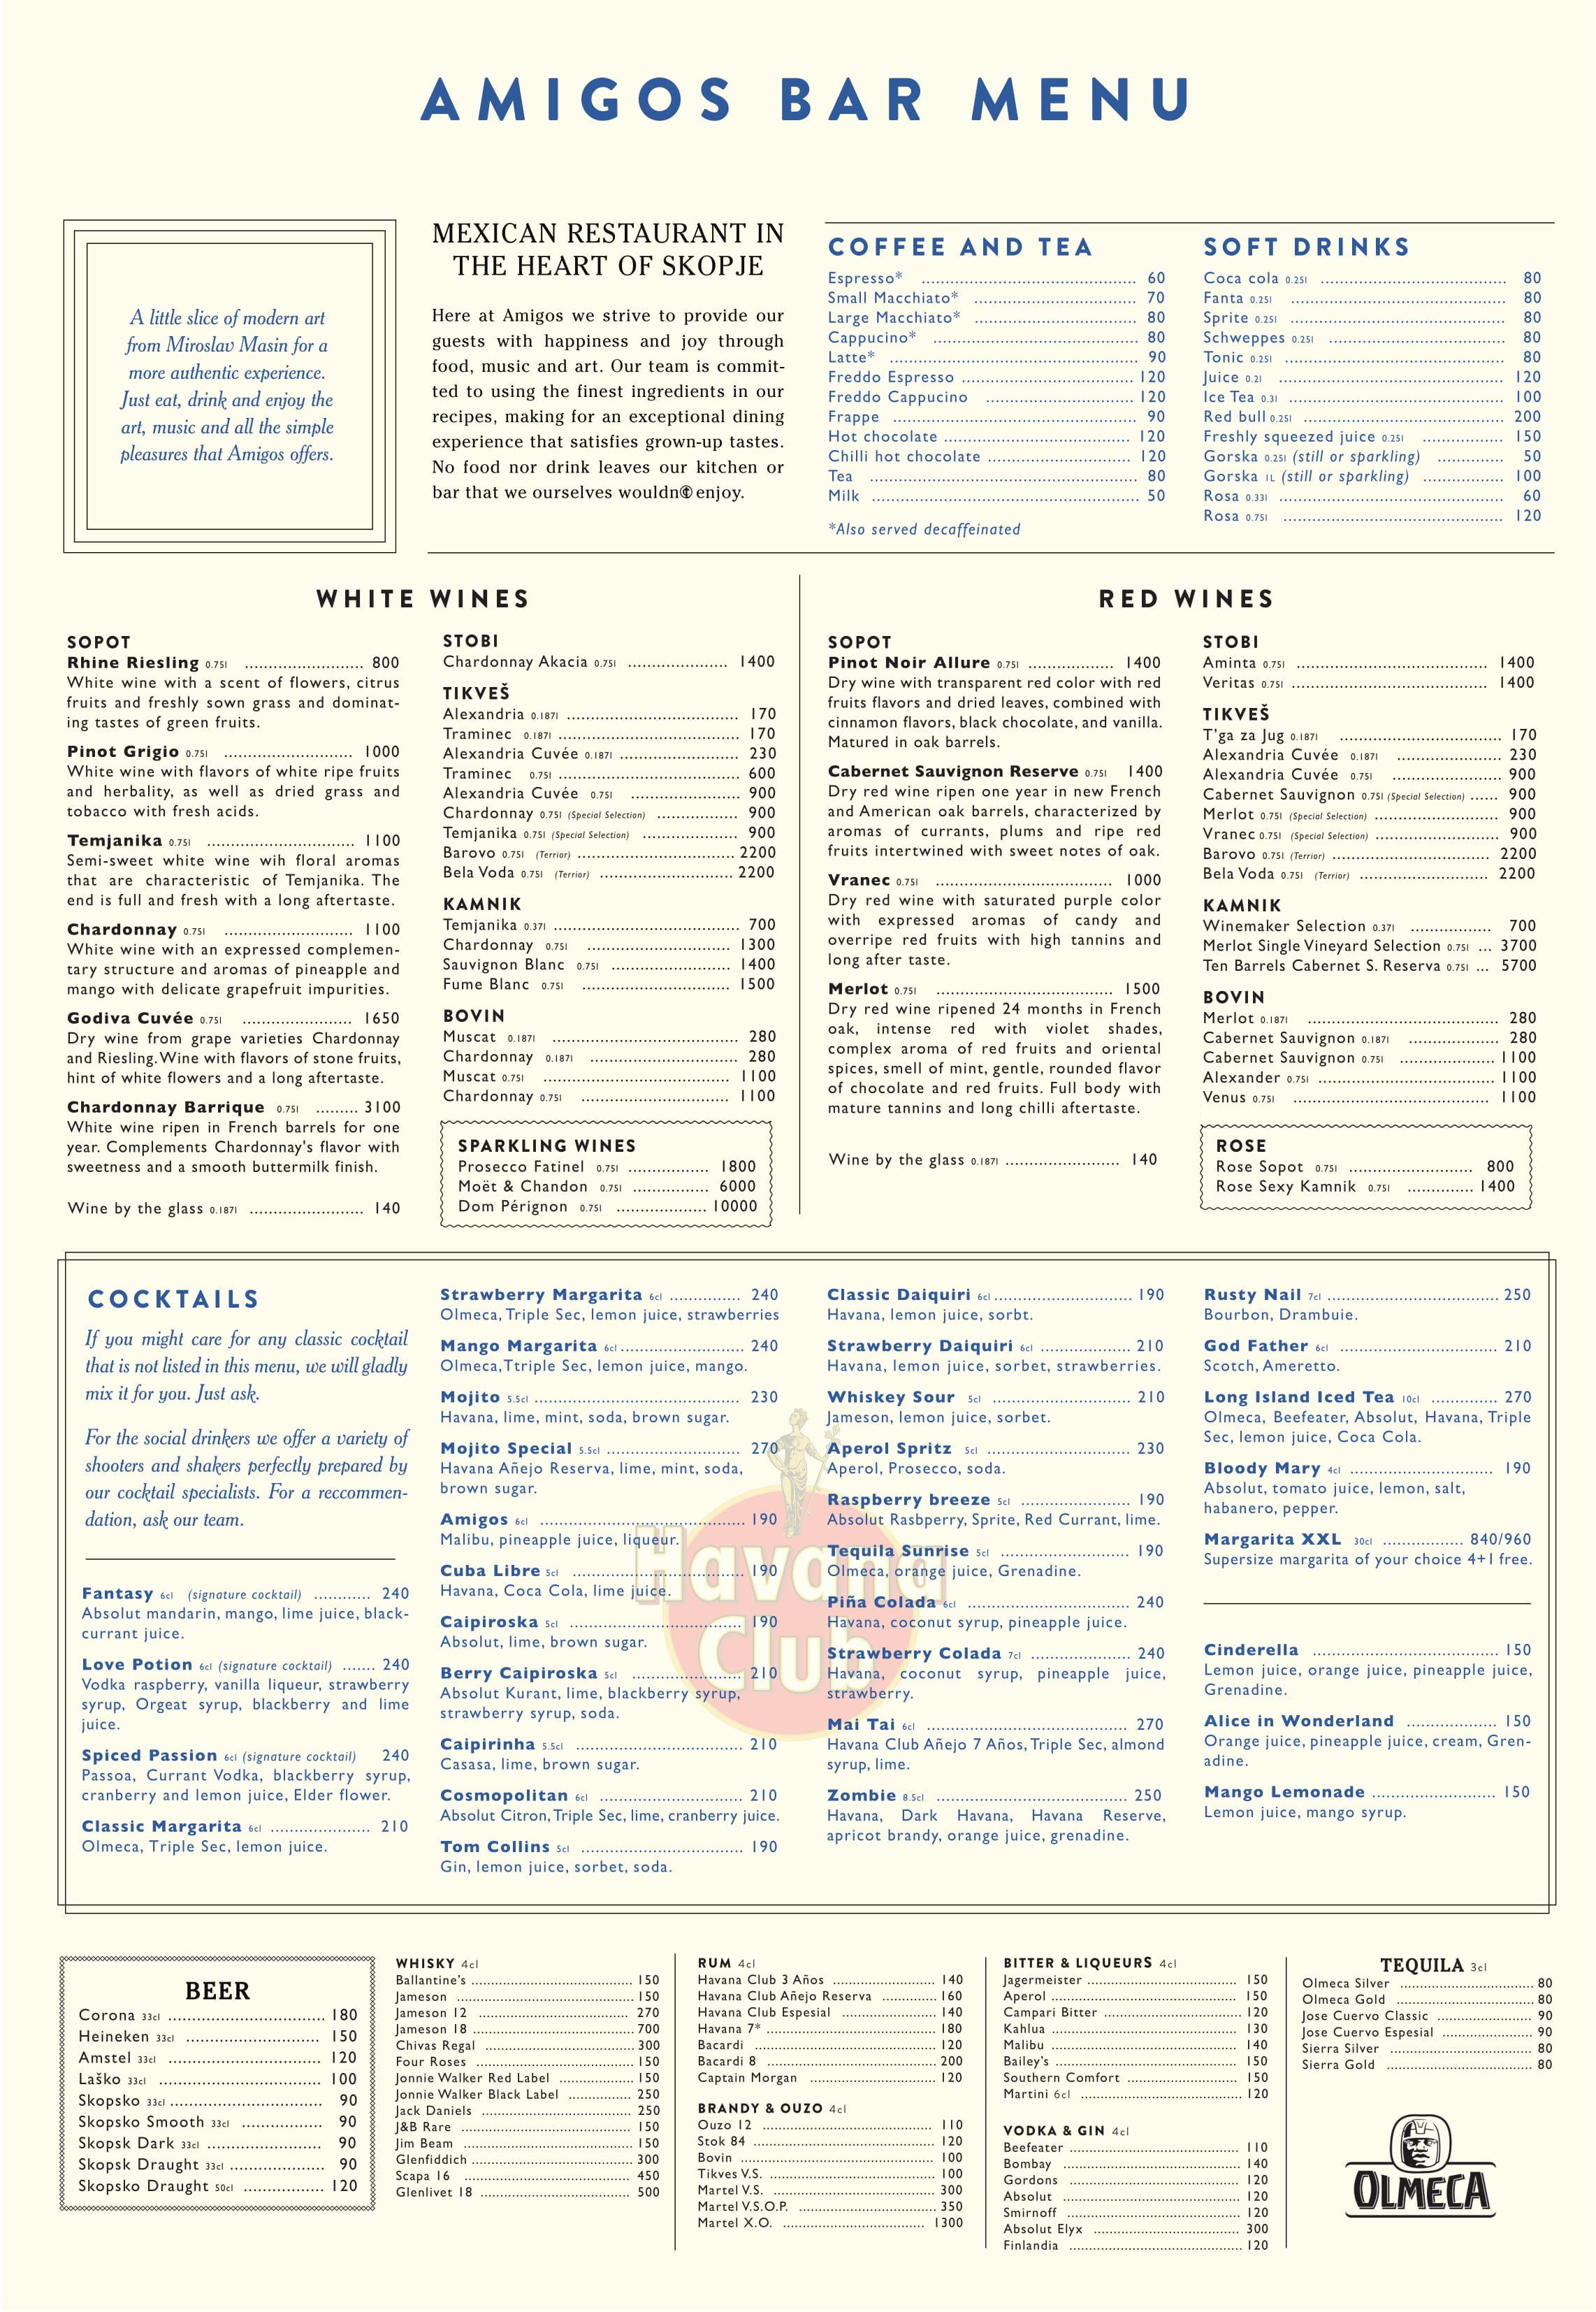 Ресторан Амигос menu